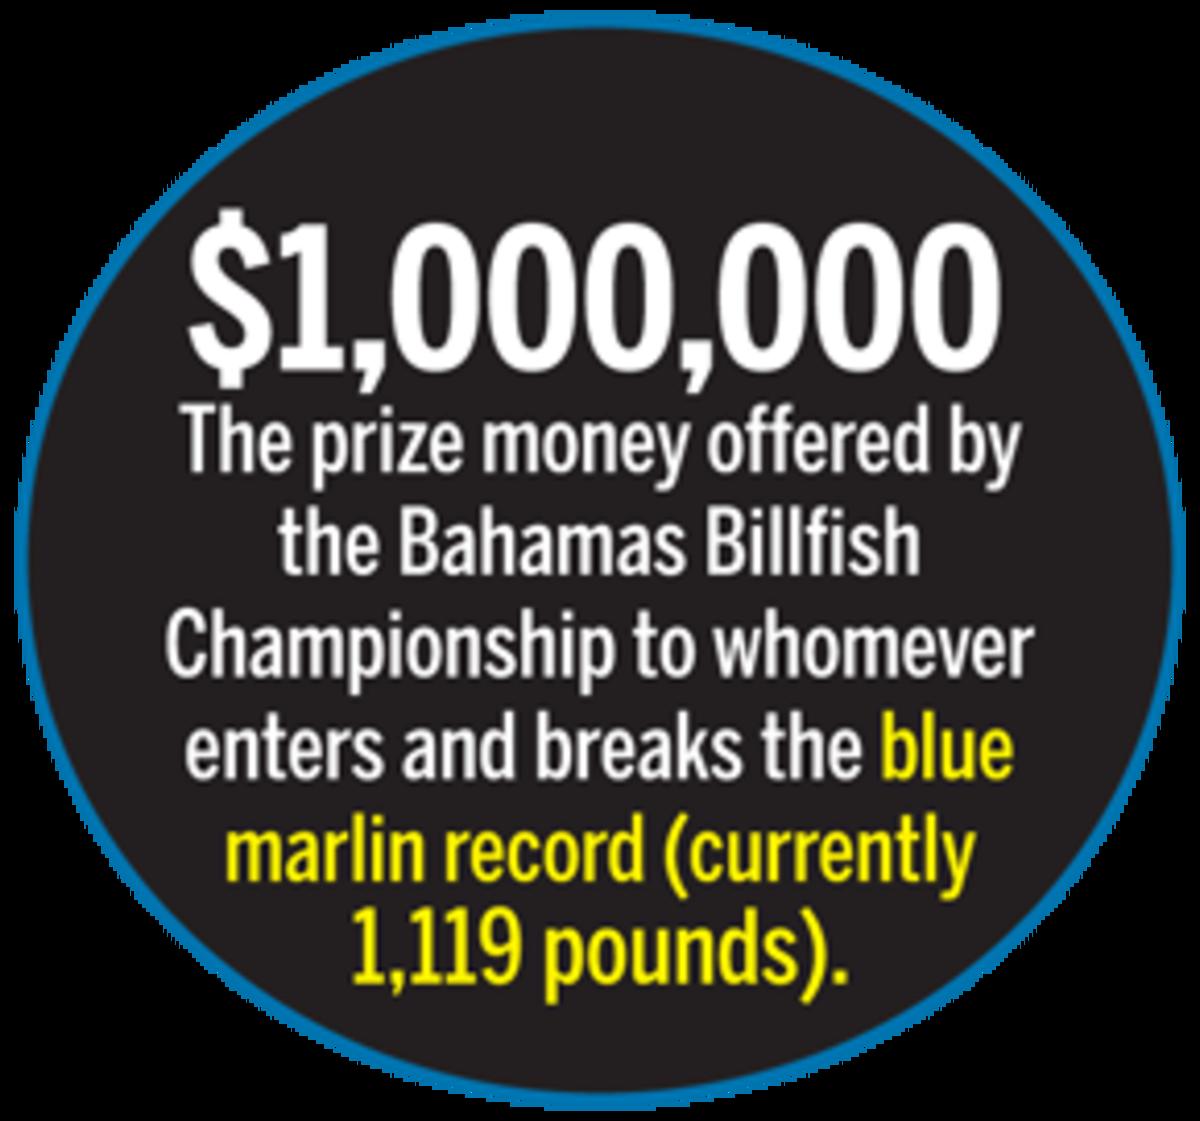 Bahamas Billfish Championshop